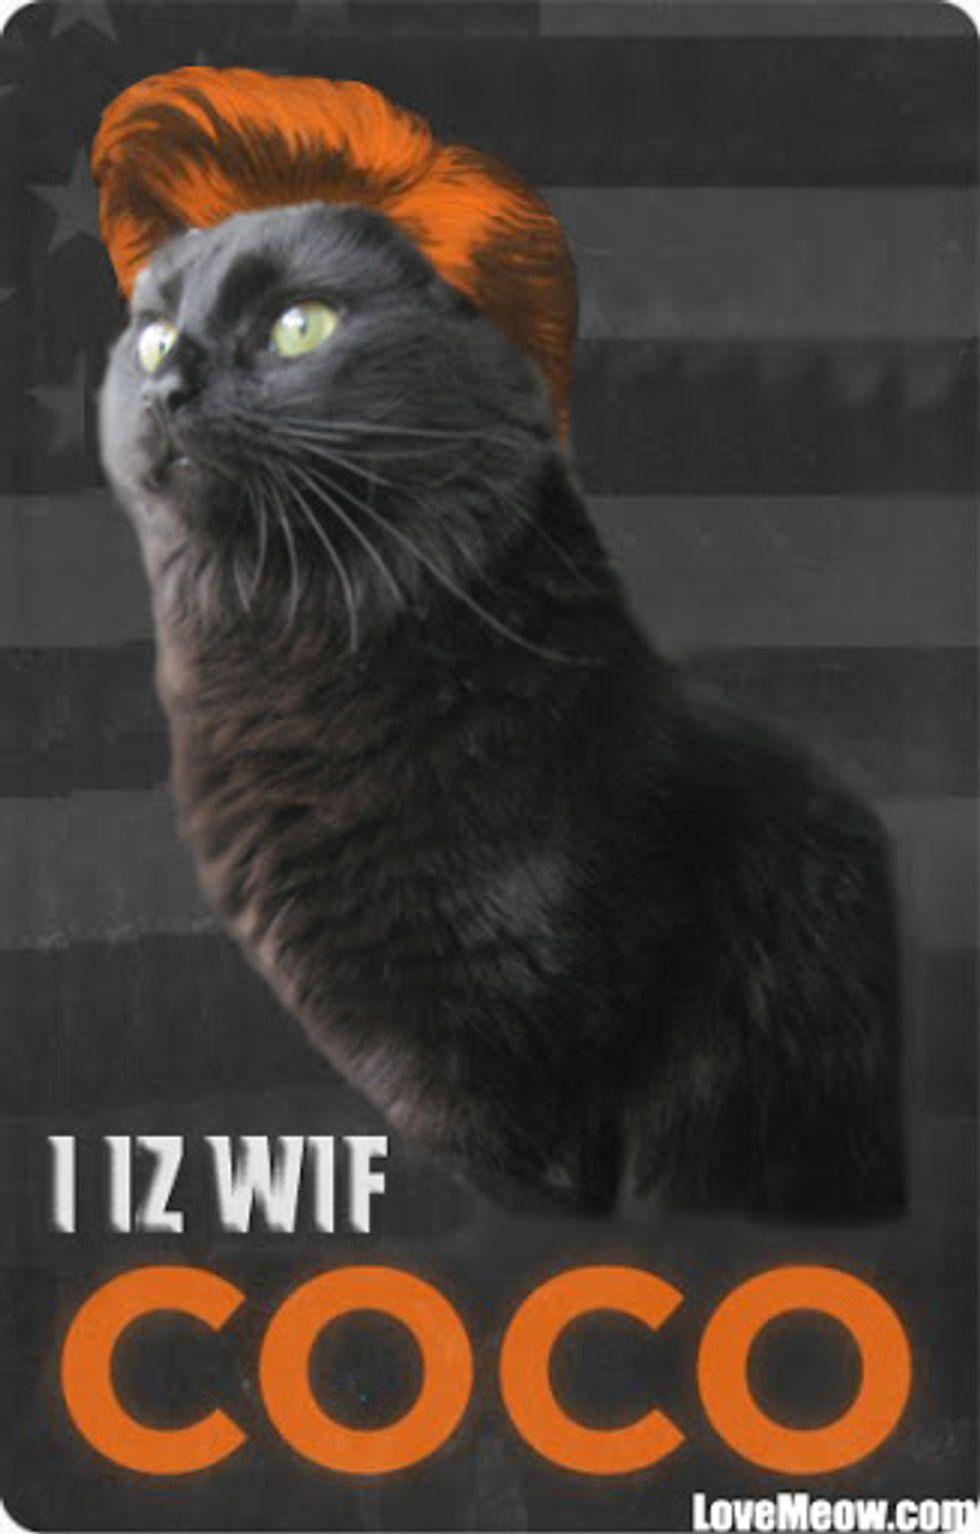 I IZ WIF COCO